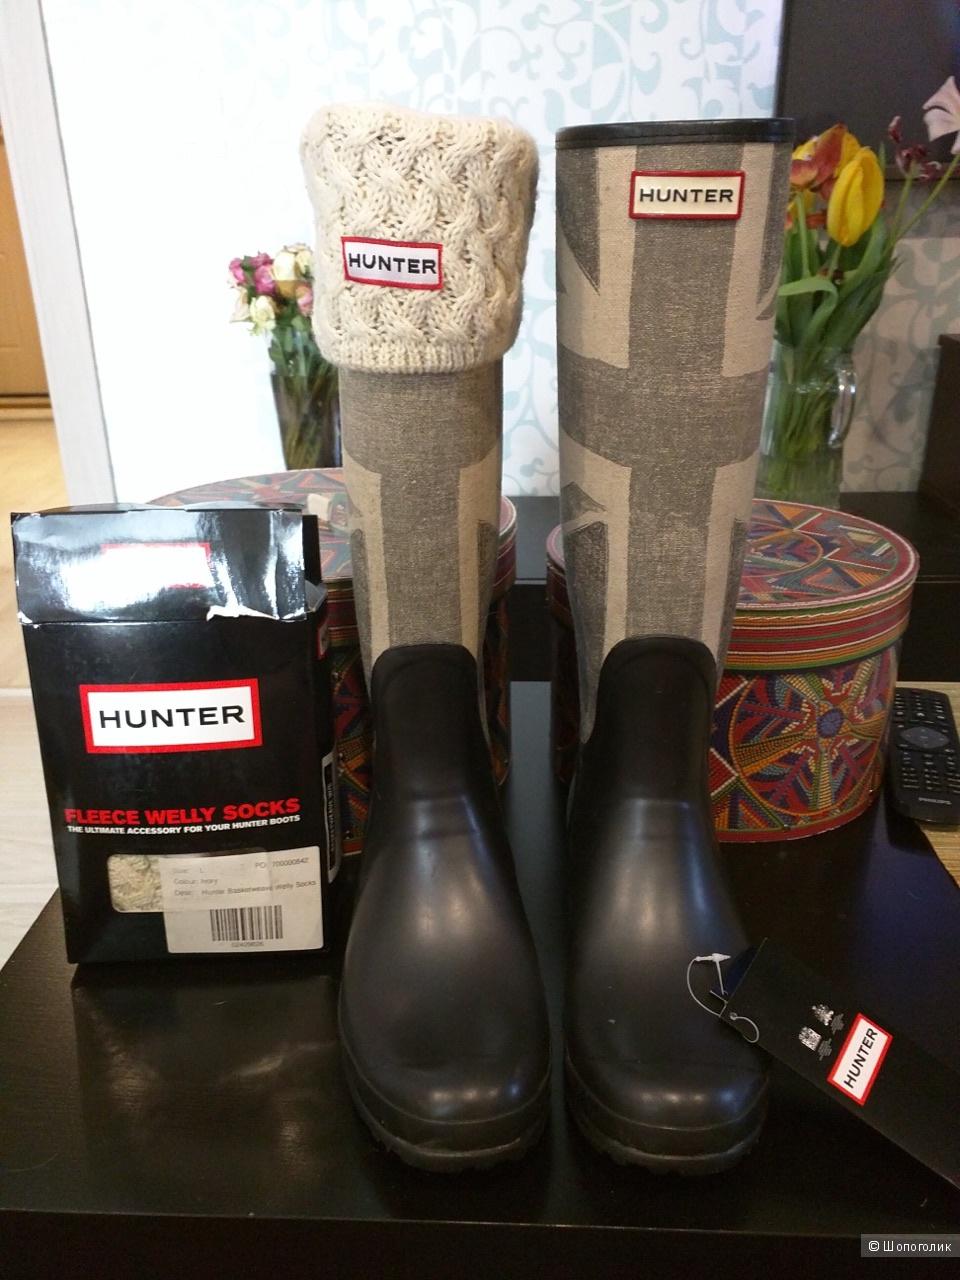 Сапоги HUNTER  Boots Union Jack UK Flag 11US в комплекте с гетрами HUNTER